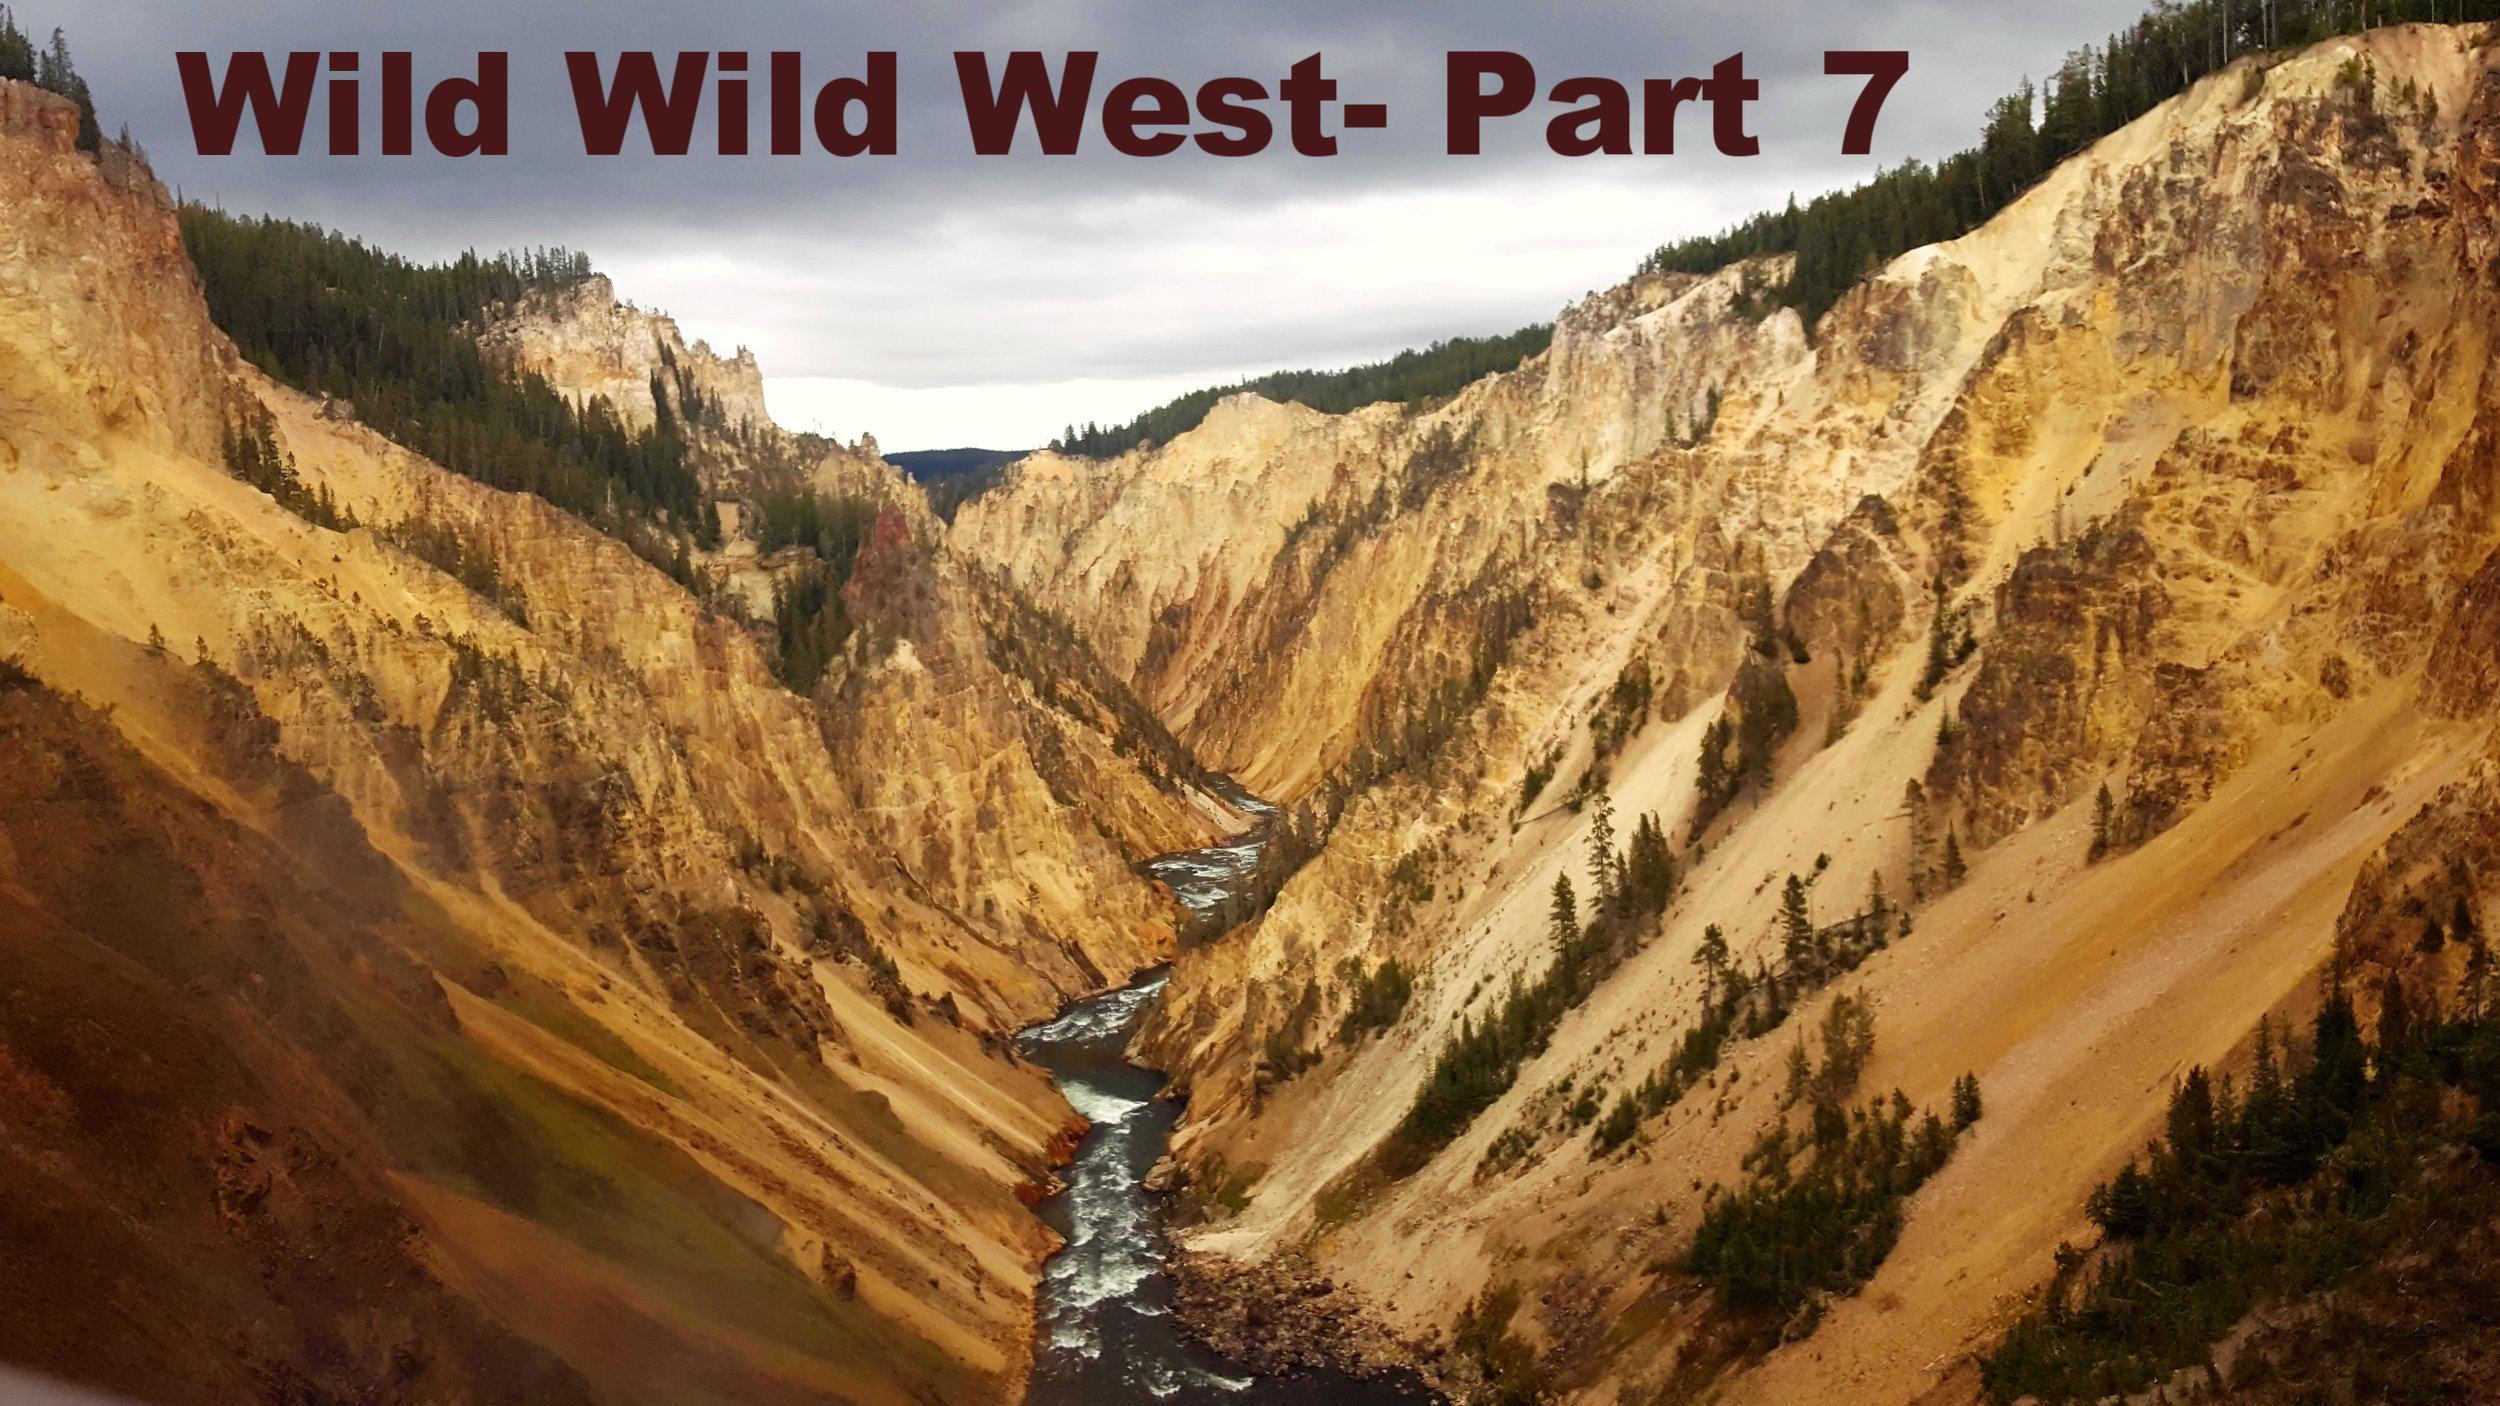 Yellowstone Canyon, Falls, & Yellowstone River